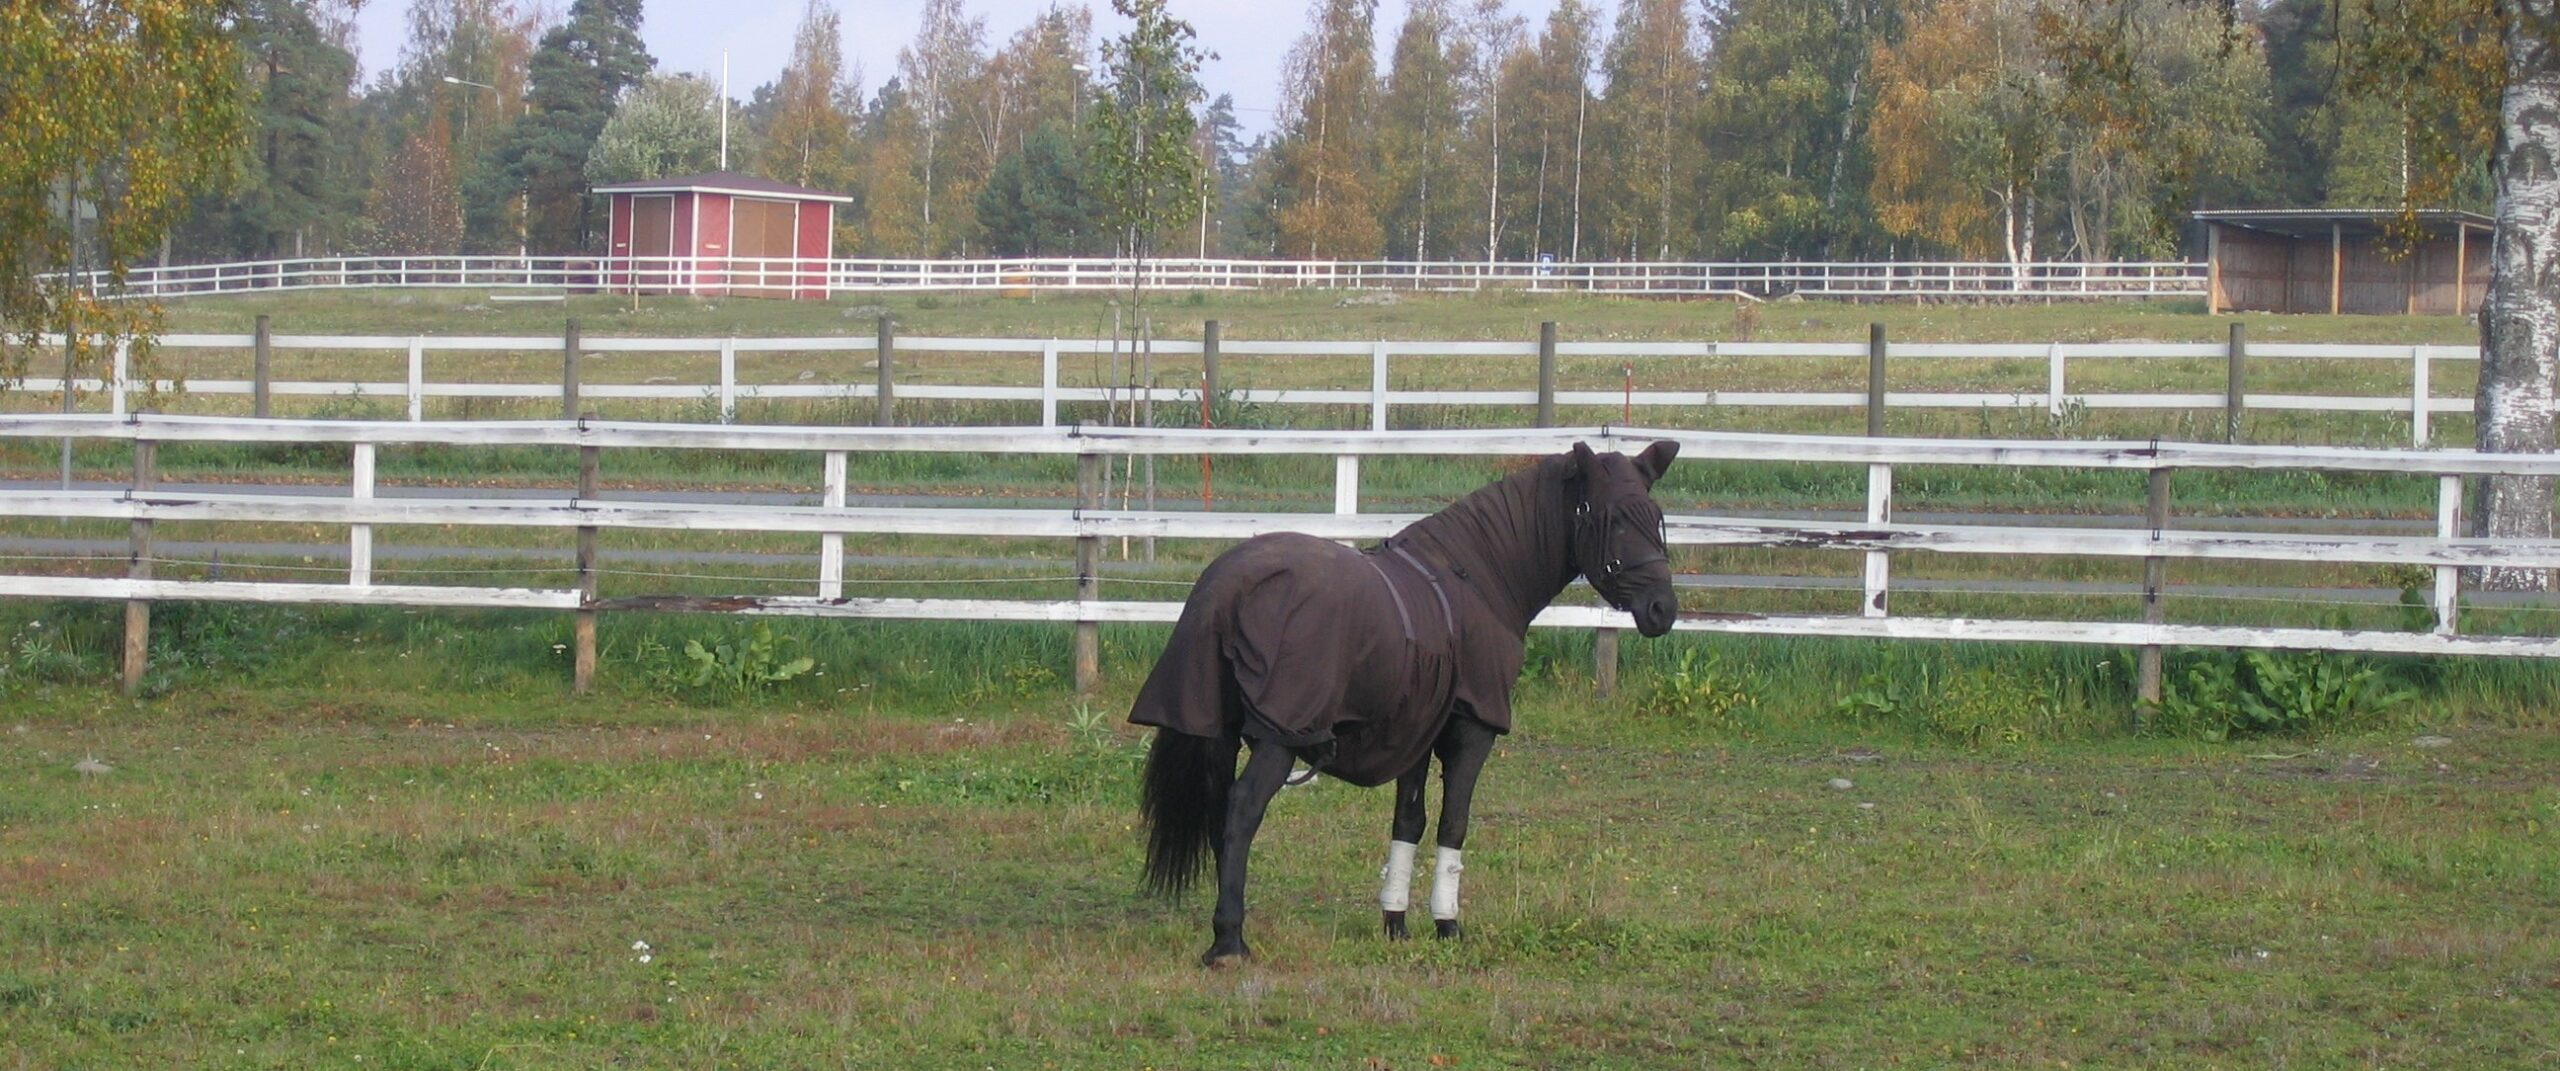 kesäihottuma voi olla hevoselle piinallinen sairaus. kuvassa hevonen